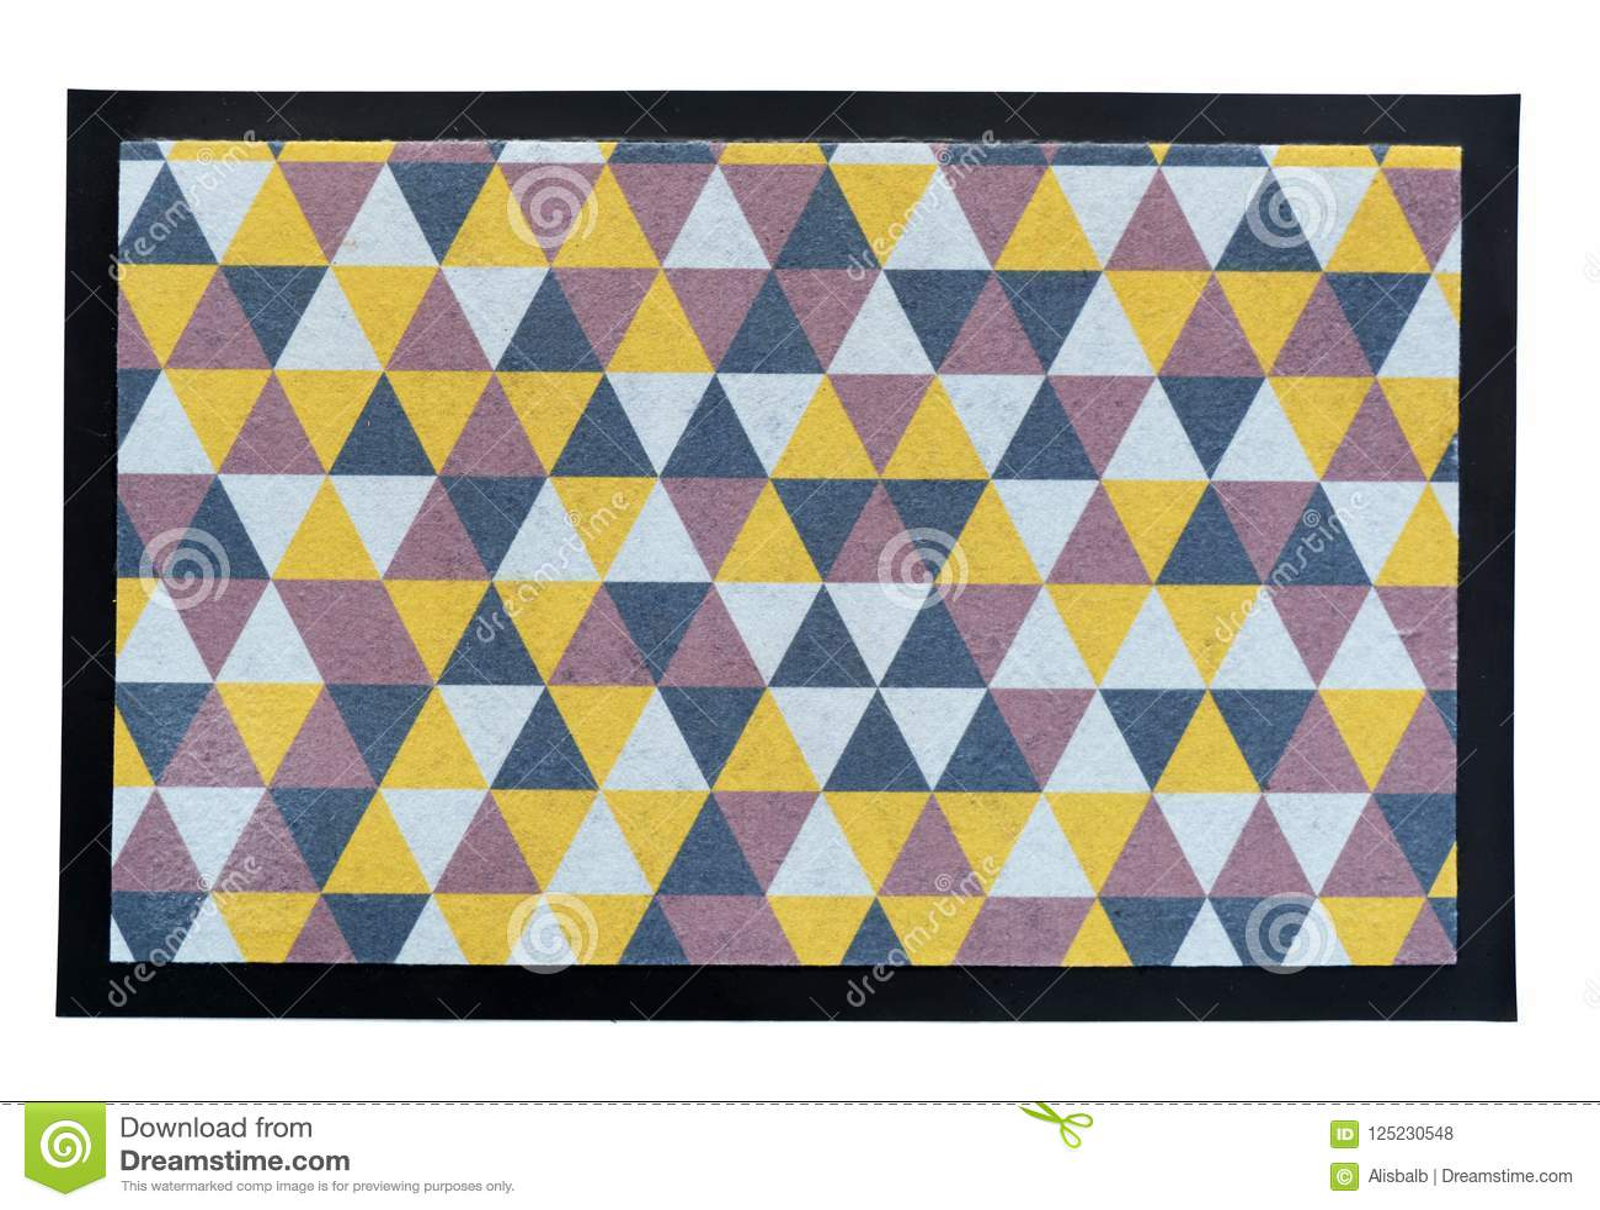 Mały kolorowy podłogowy dywan maty dywanik na bielu